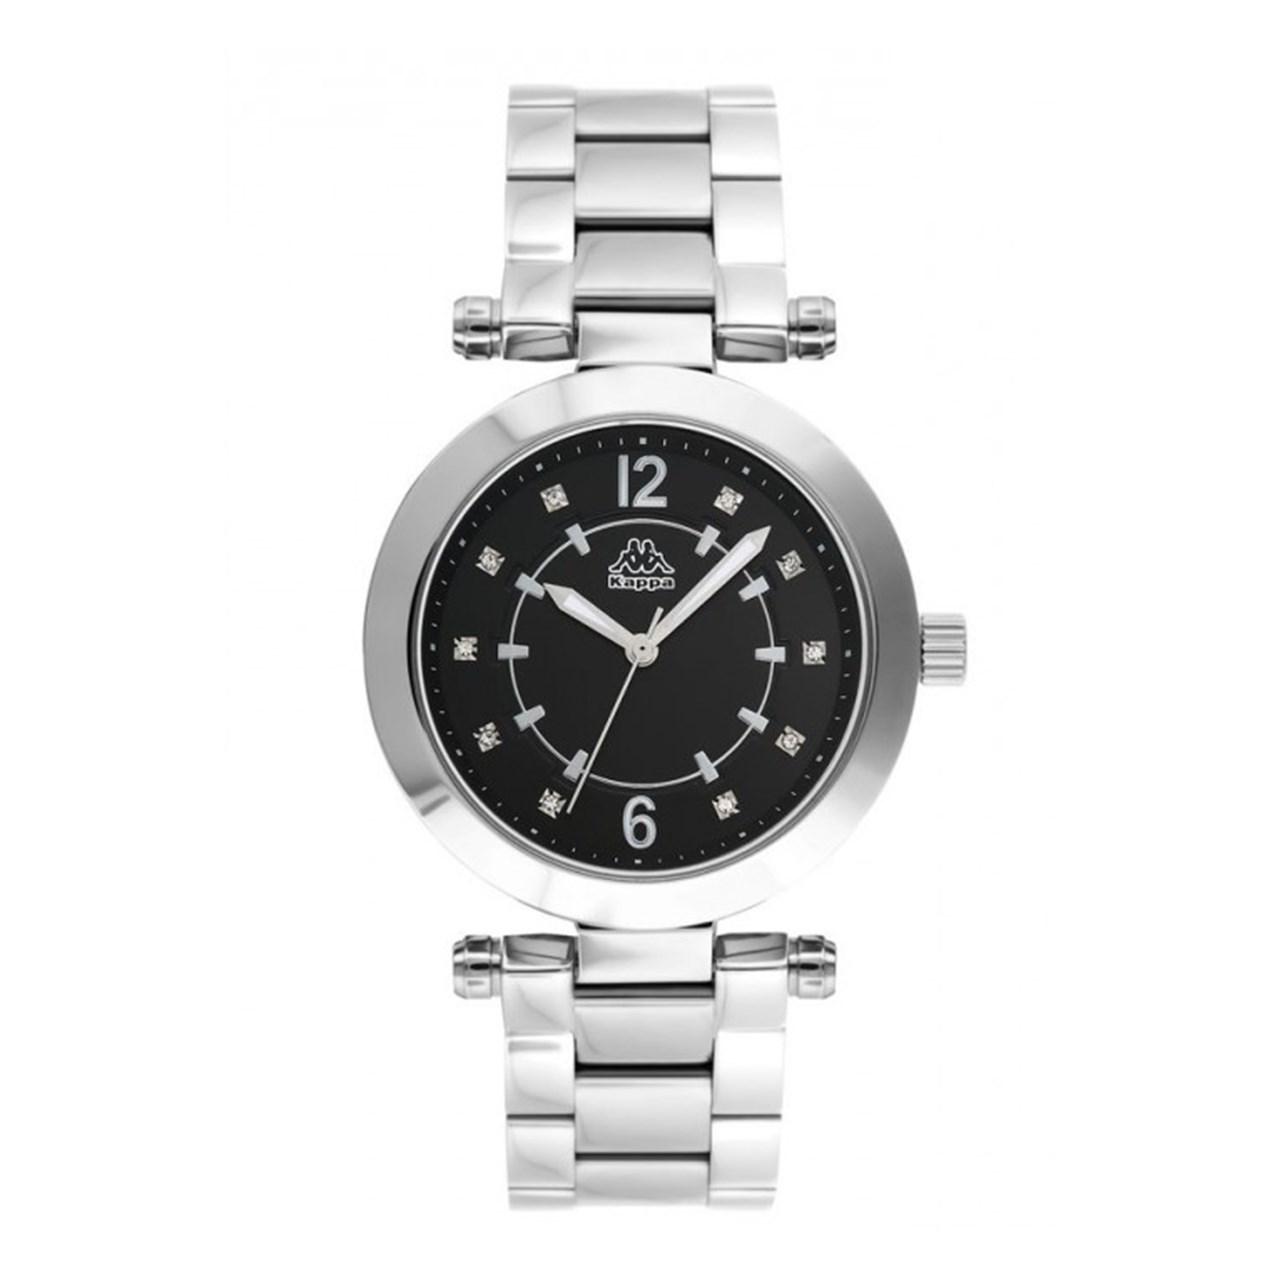 ساعت مچی عقربه ای کاپا مدل 1414L-b